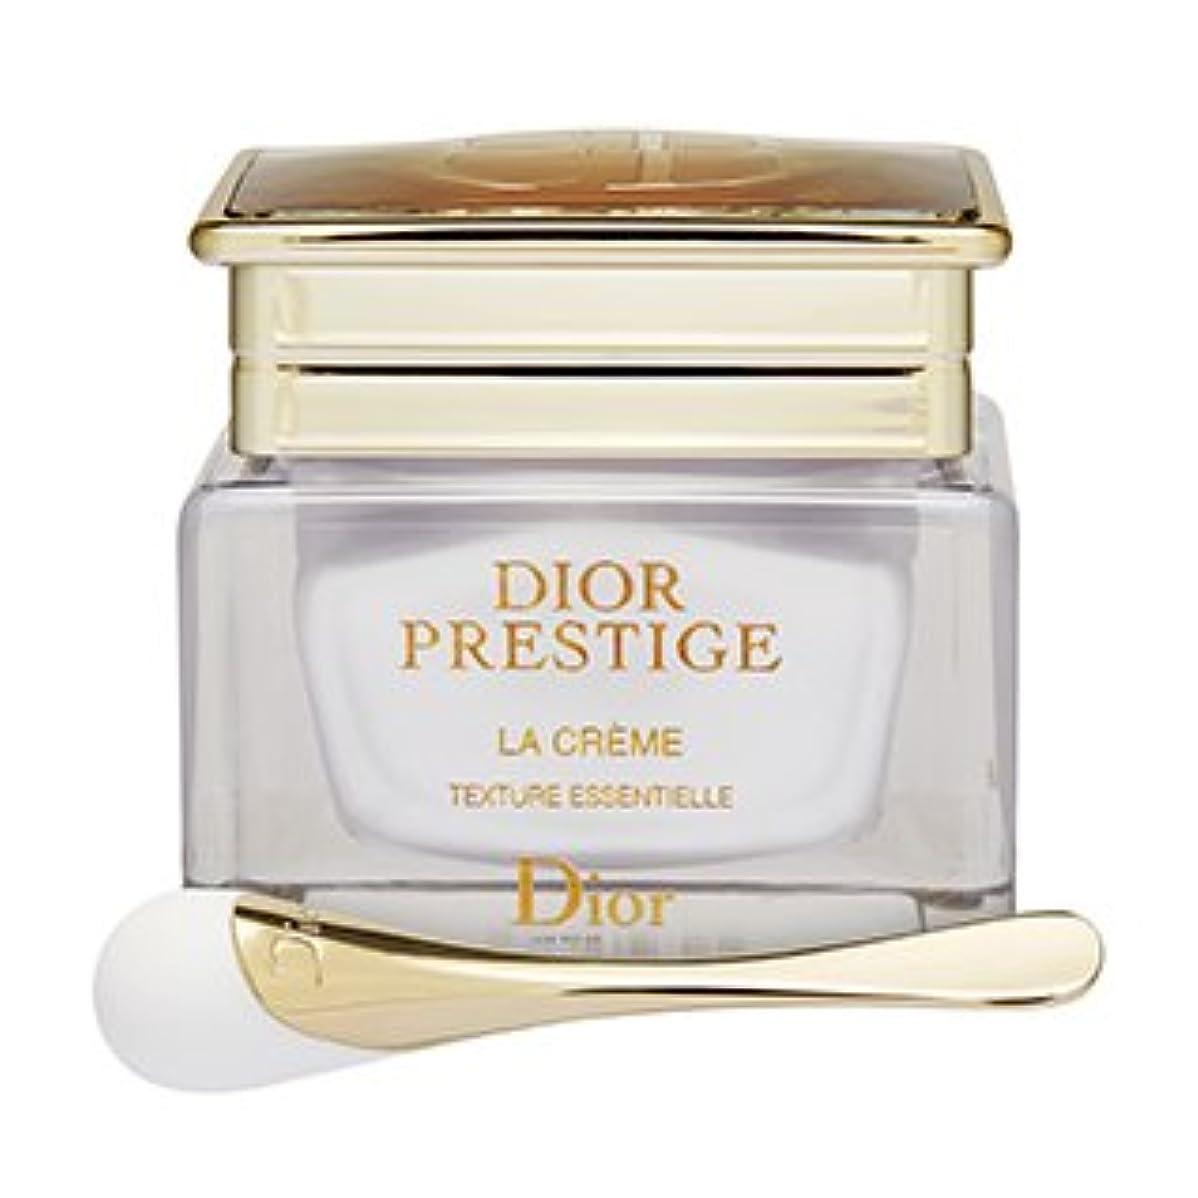 経歴始まり増強ディオール(Dior) プレステージ ラ クレーム - 極上のテクスチャー [並行輸入品]